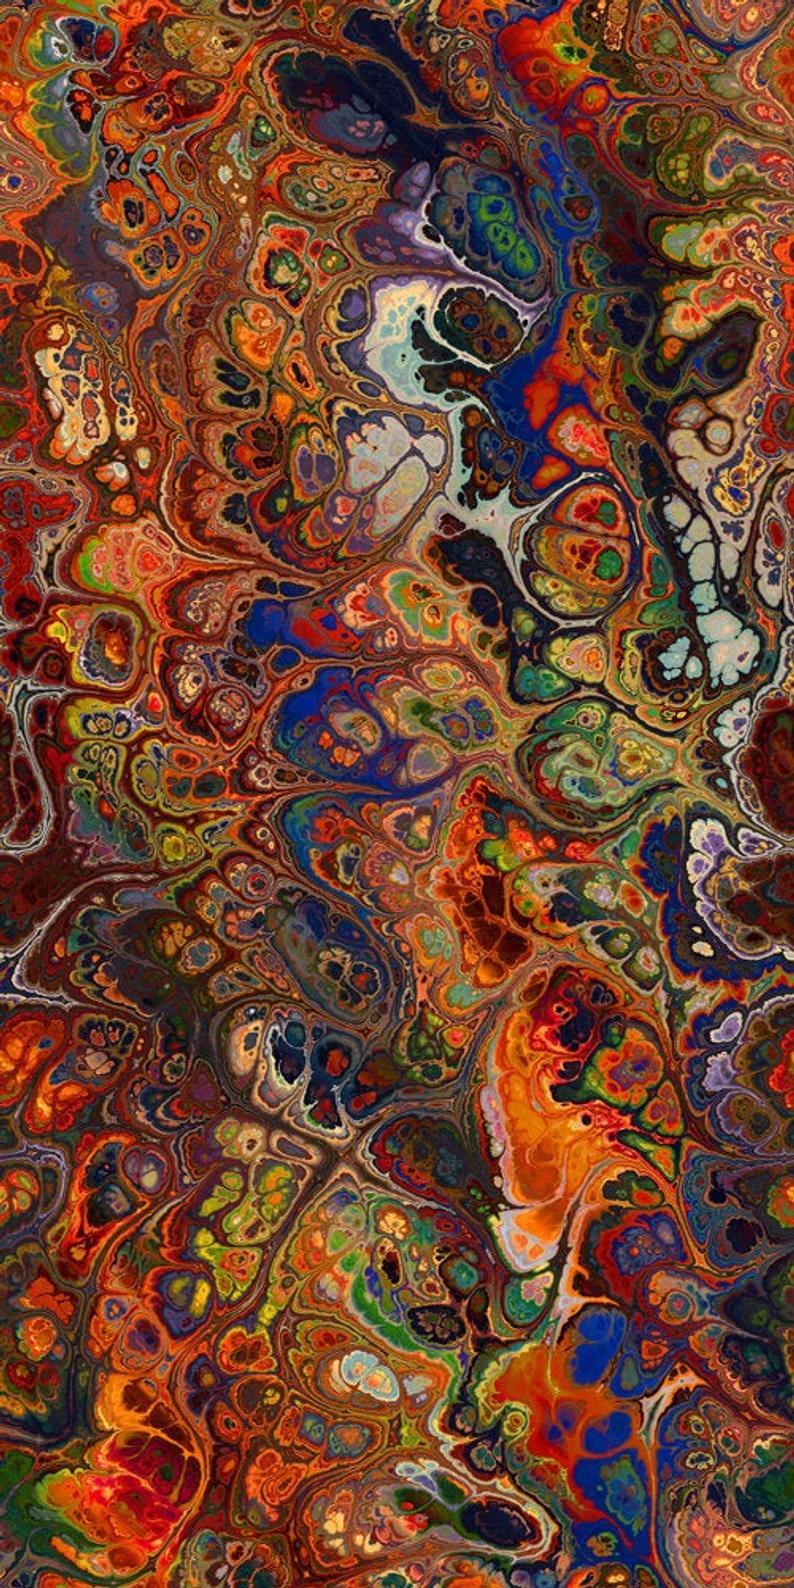 Velvet Upholstery Fabric Marble Swirls of Color Fall Tones Fiber Art Fiber Art